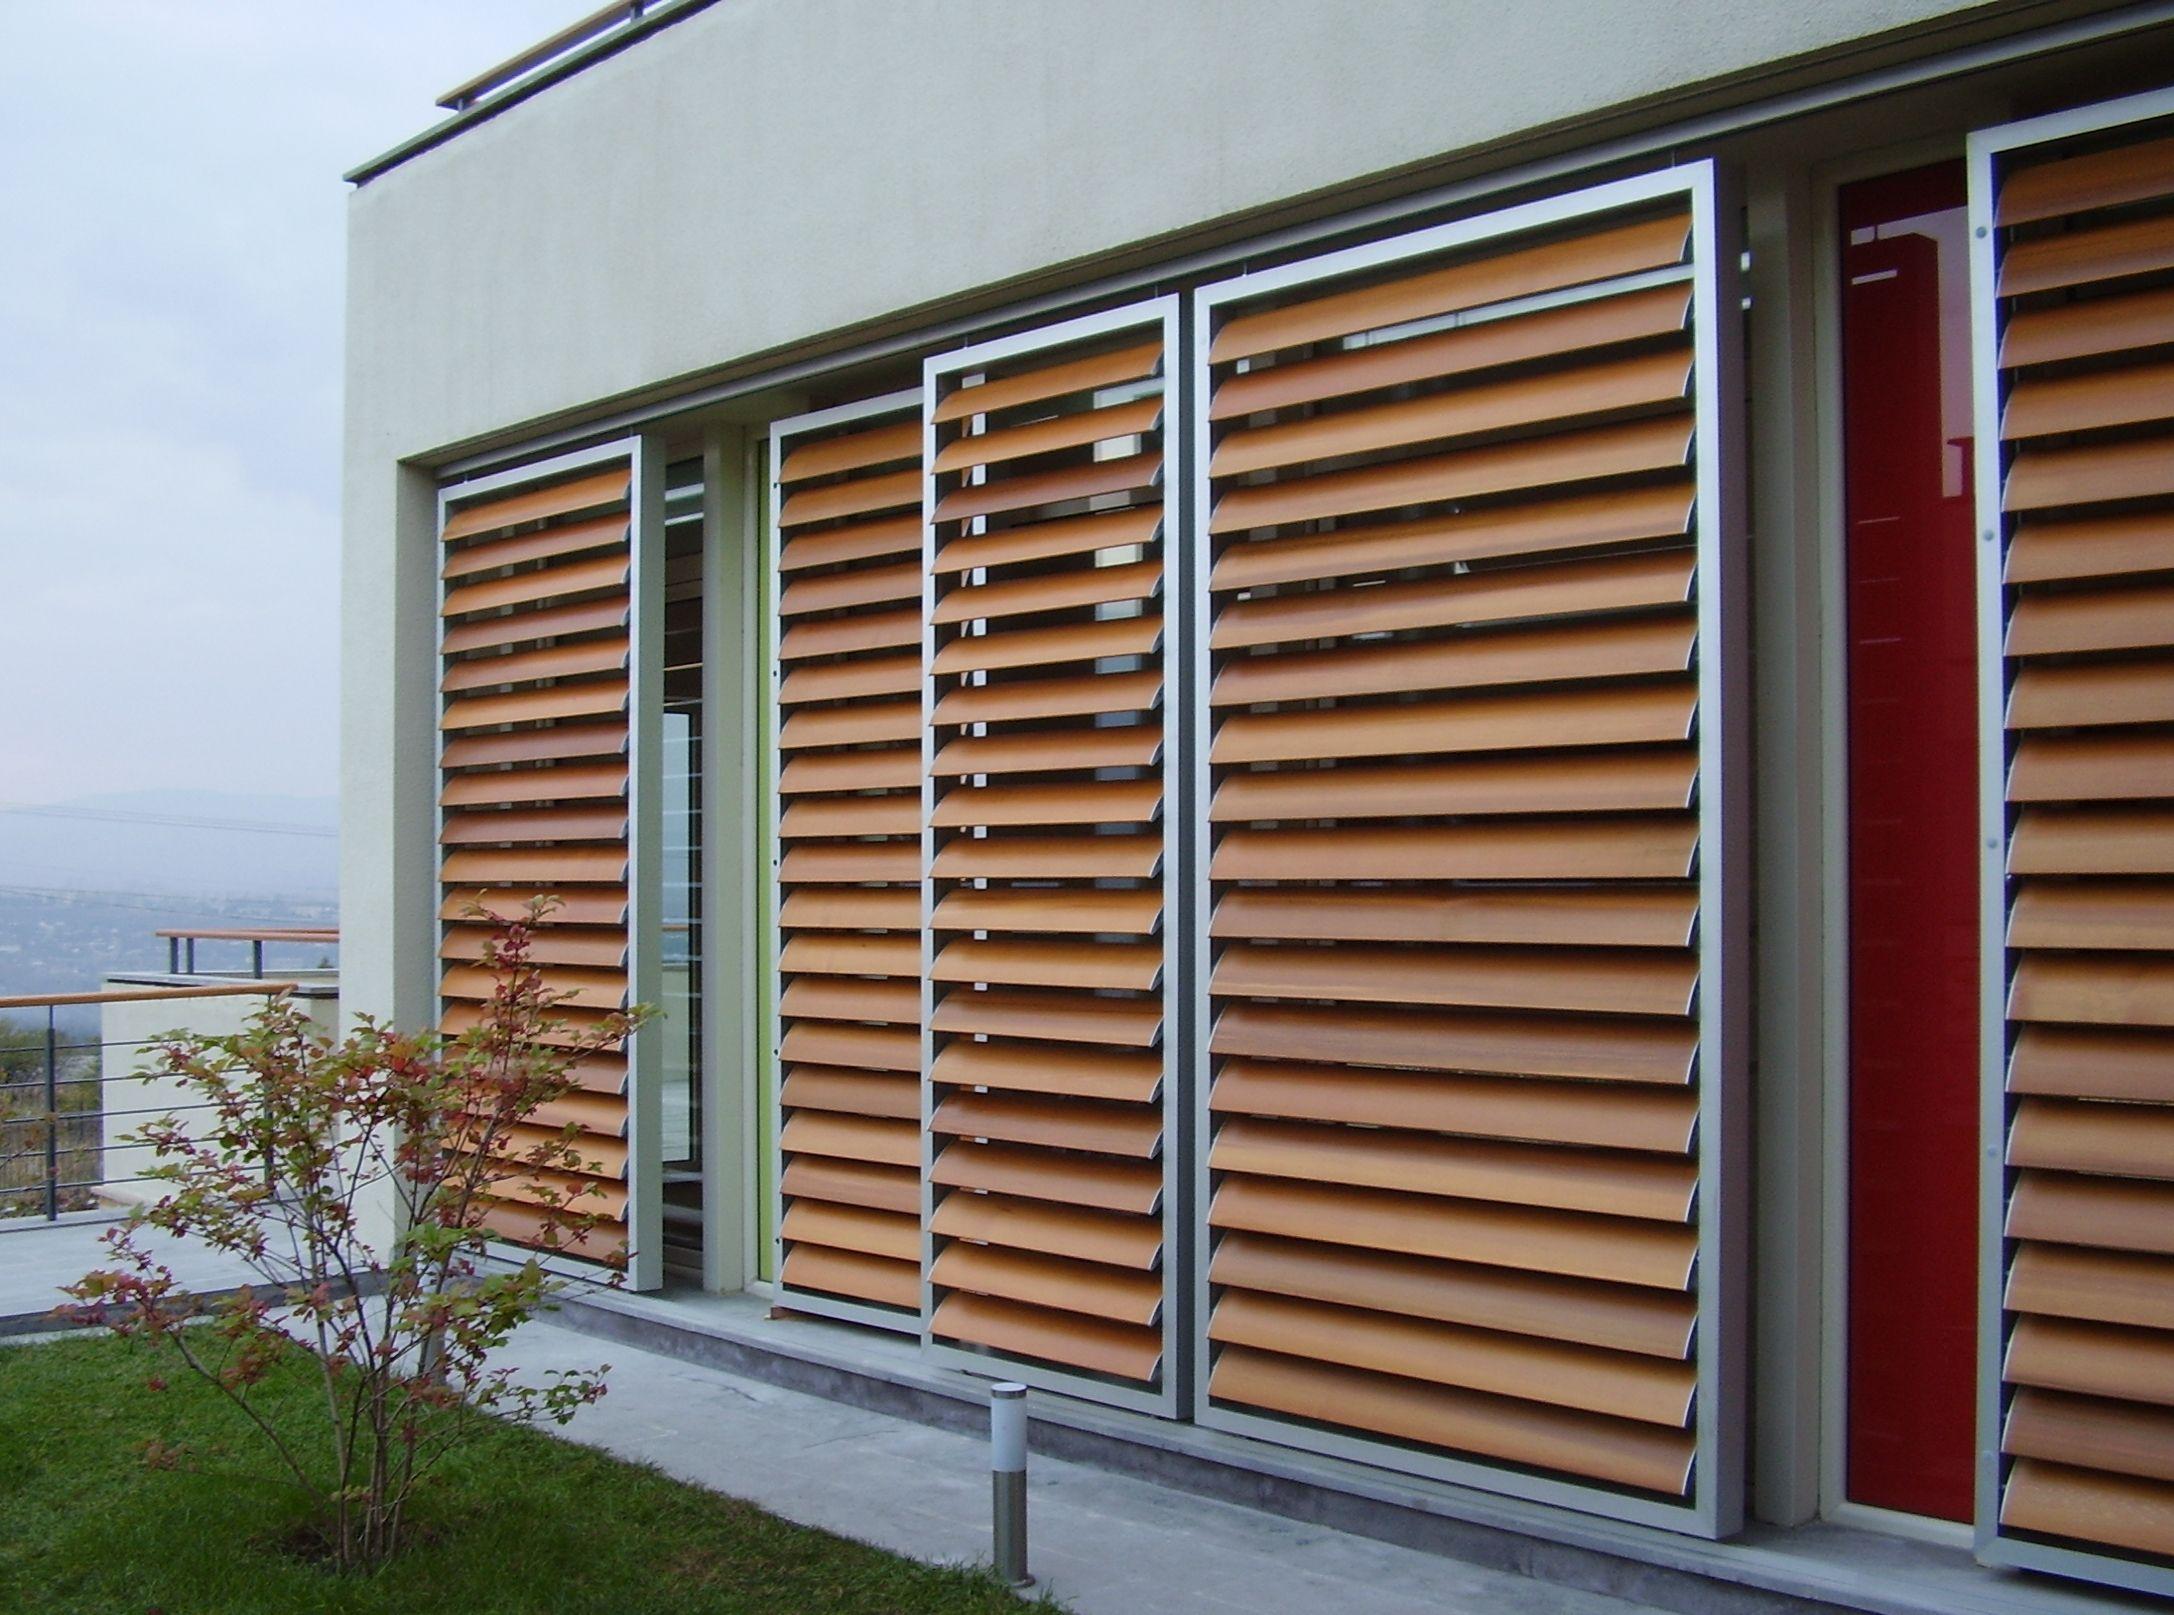 Casa immobiliare accessori frangisole in legno for Come costruire un capannone moderno